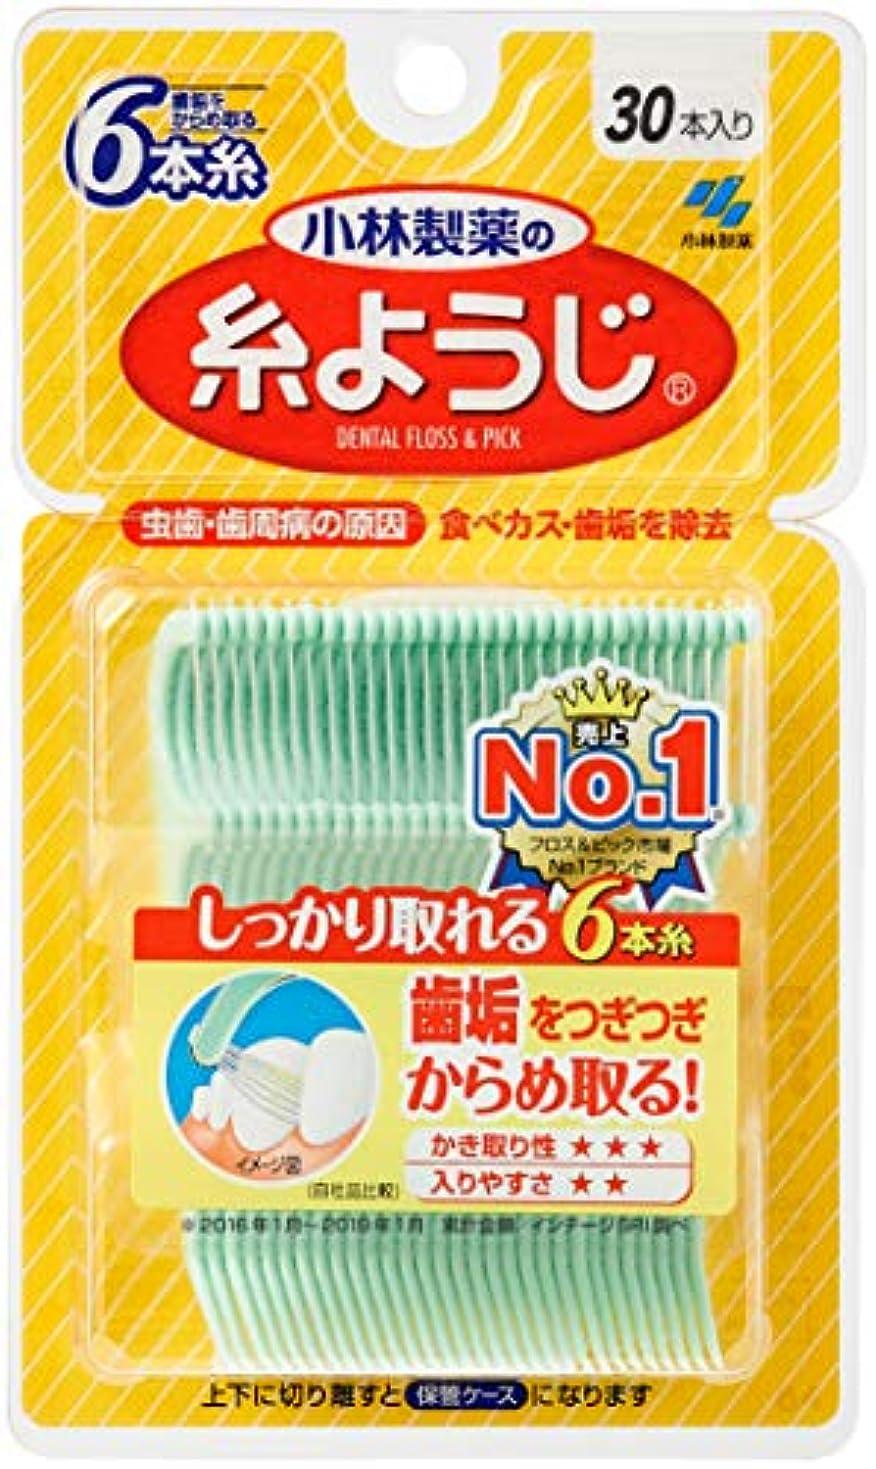 小林製薬の糸ようじ  フロス&ピック デンタルフロス 30本